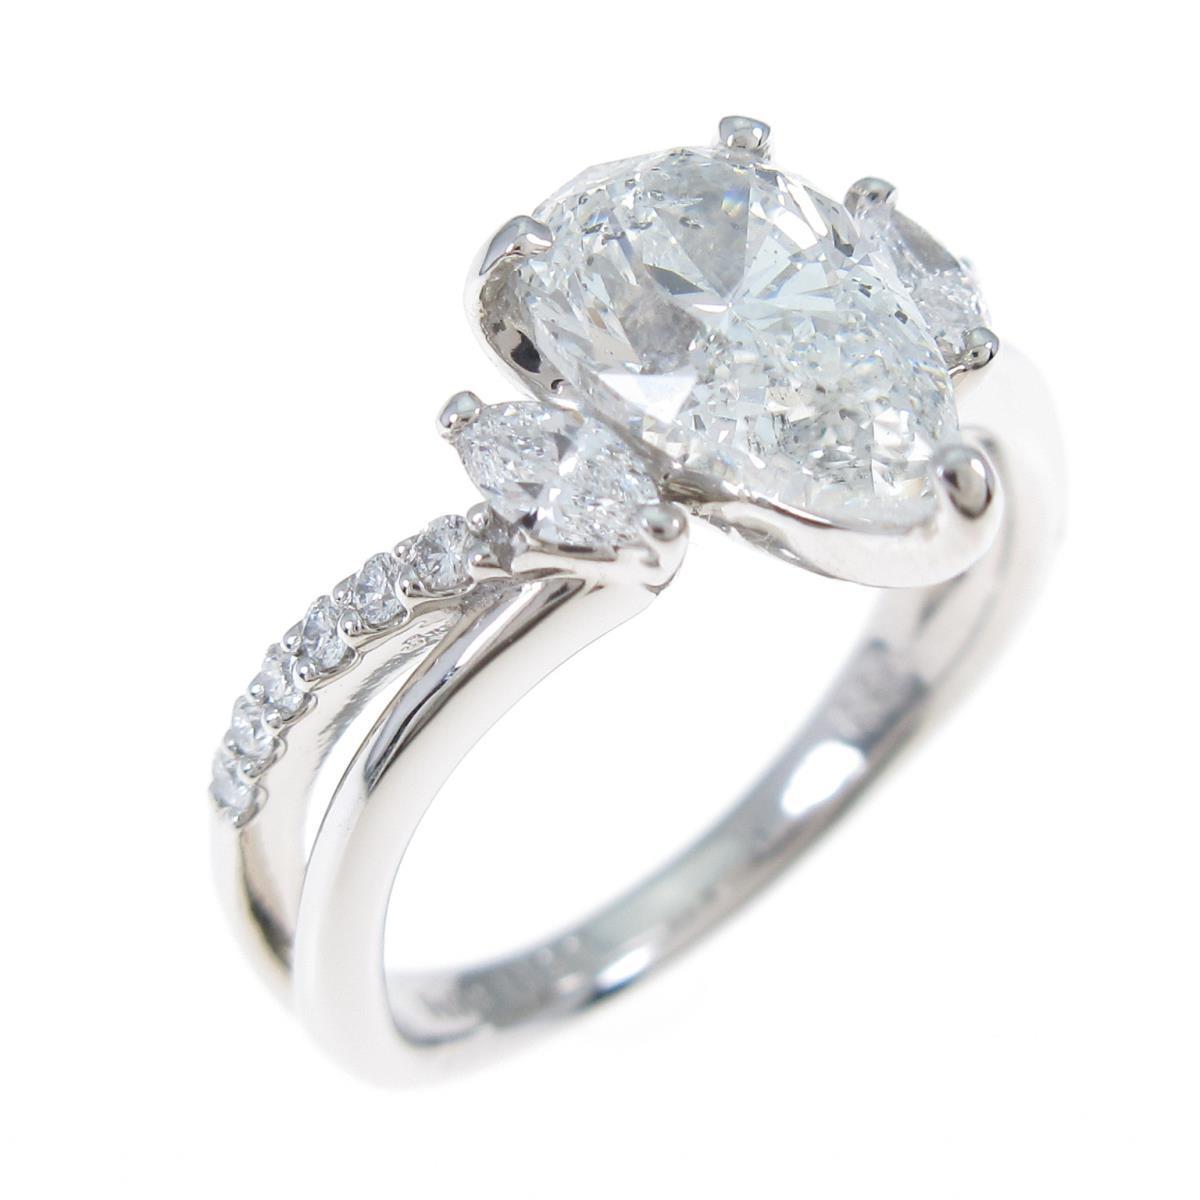 【リメイク】プラチナダイヤモンドリング 1.562ct・H・SI2・ペアシェイプ【中古】